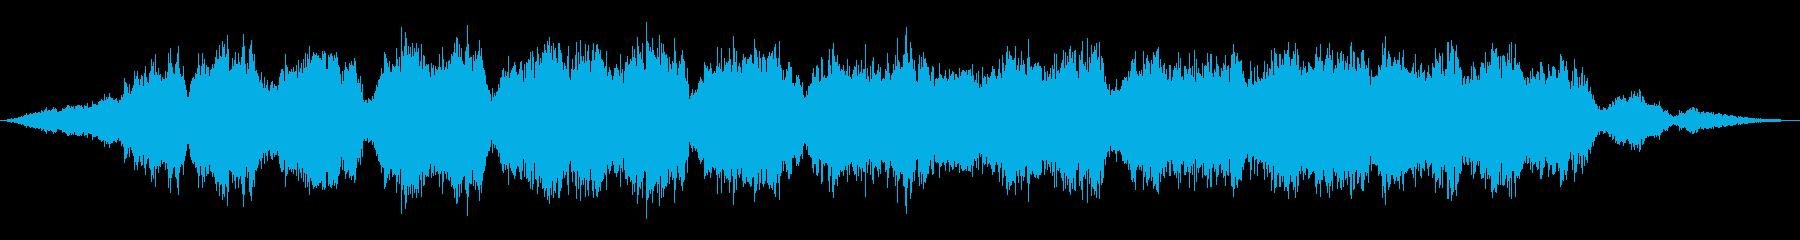 口ISTを吹く空間風の再生済みの波形